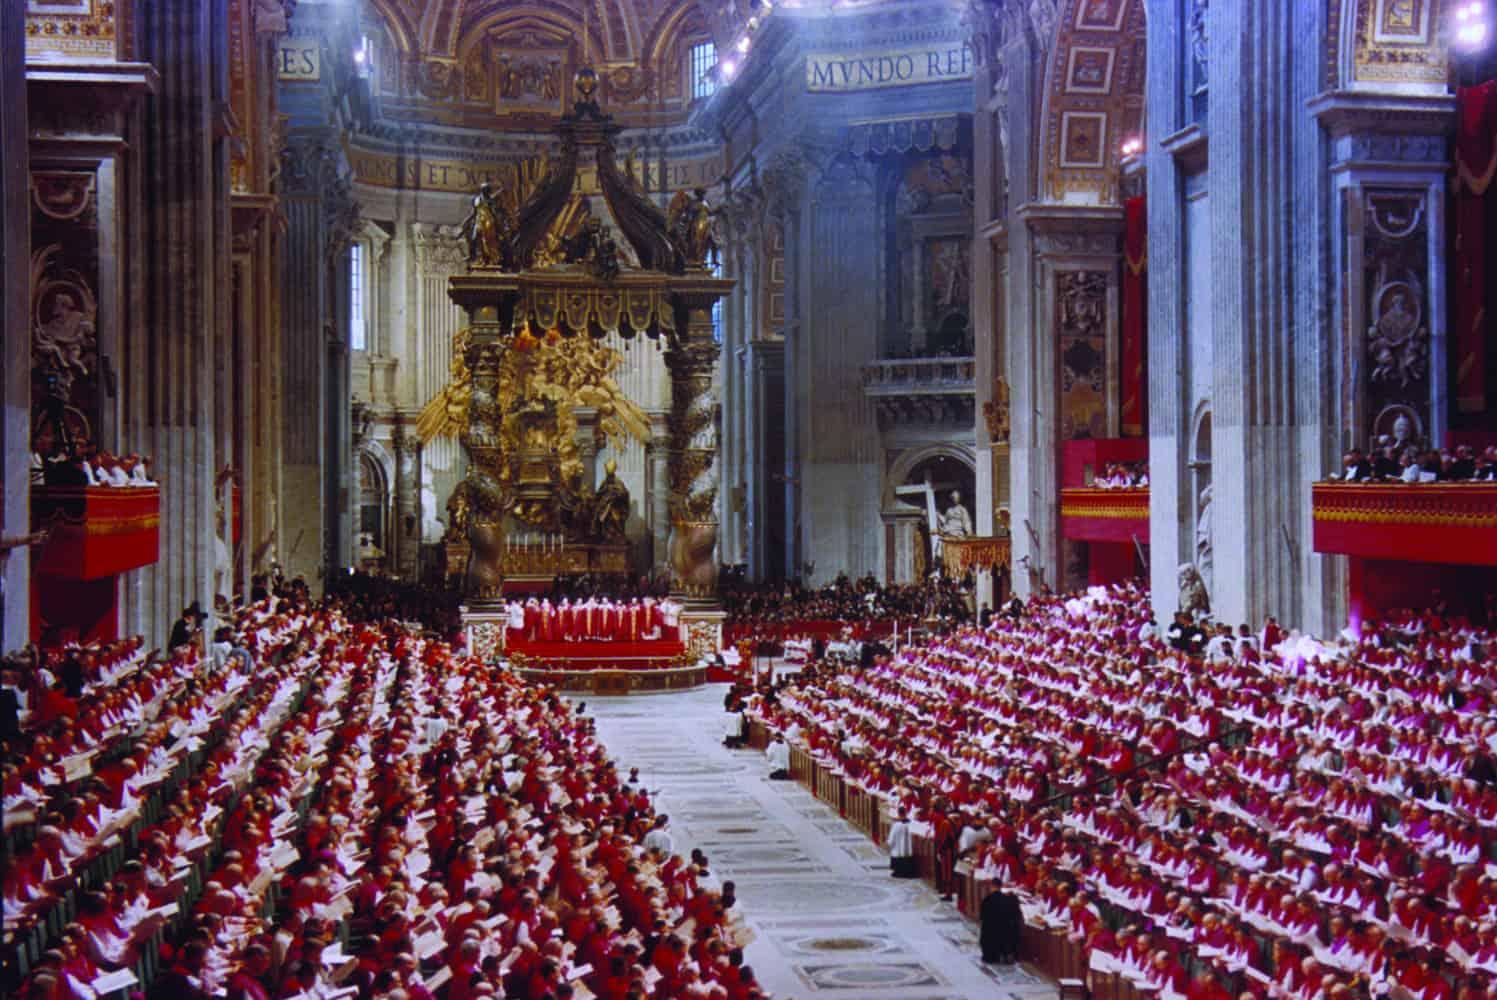 Cento anni di Vita e Pensiero. Concilio Vaticano II, 1959